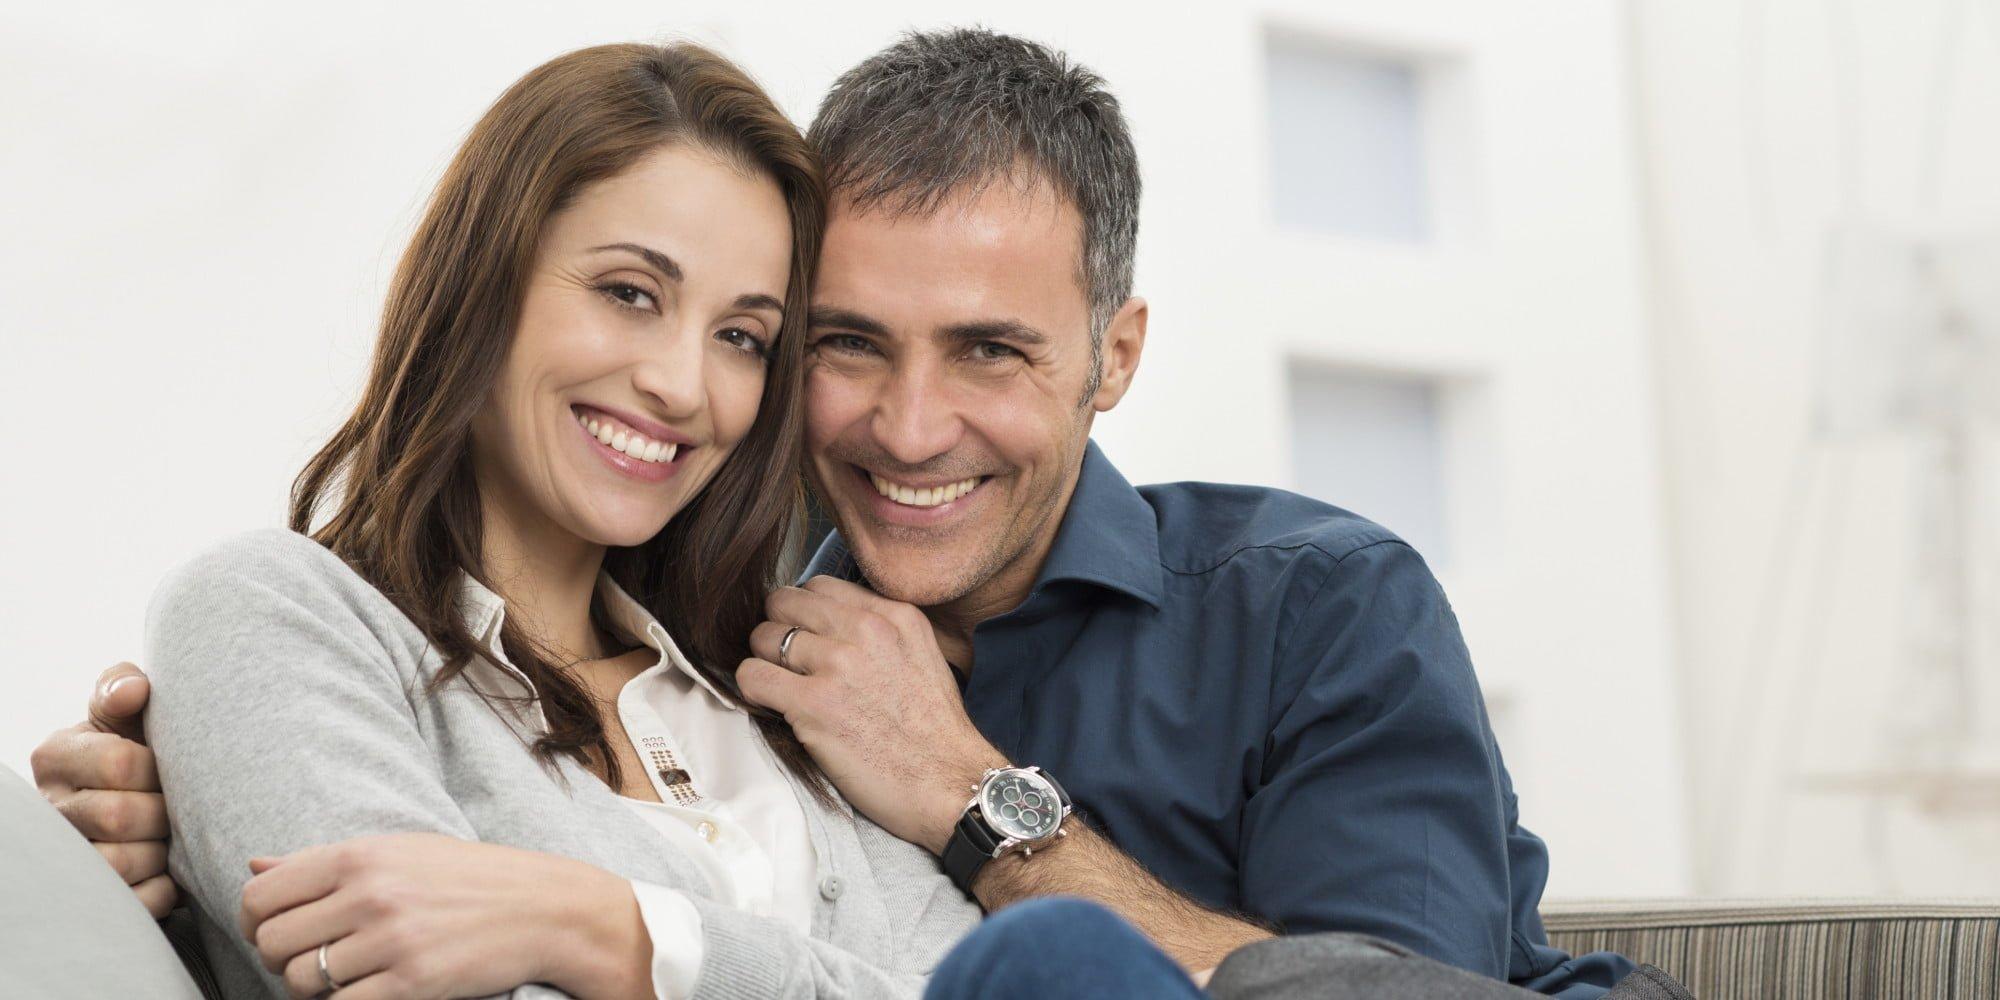 Evliliğinize Renk Katacak 7 Eğlenceli Aktivite